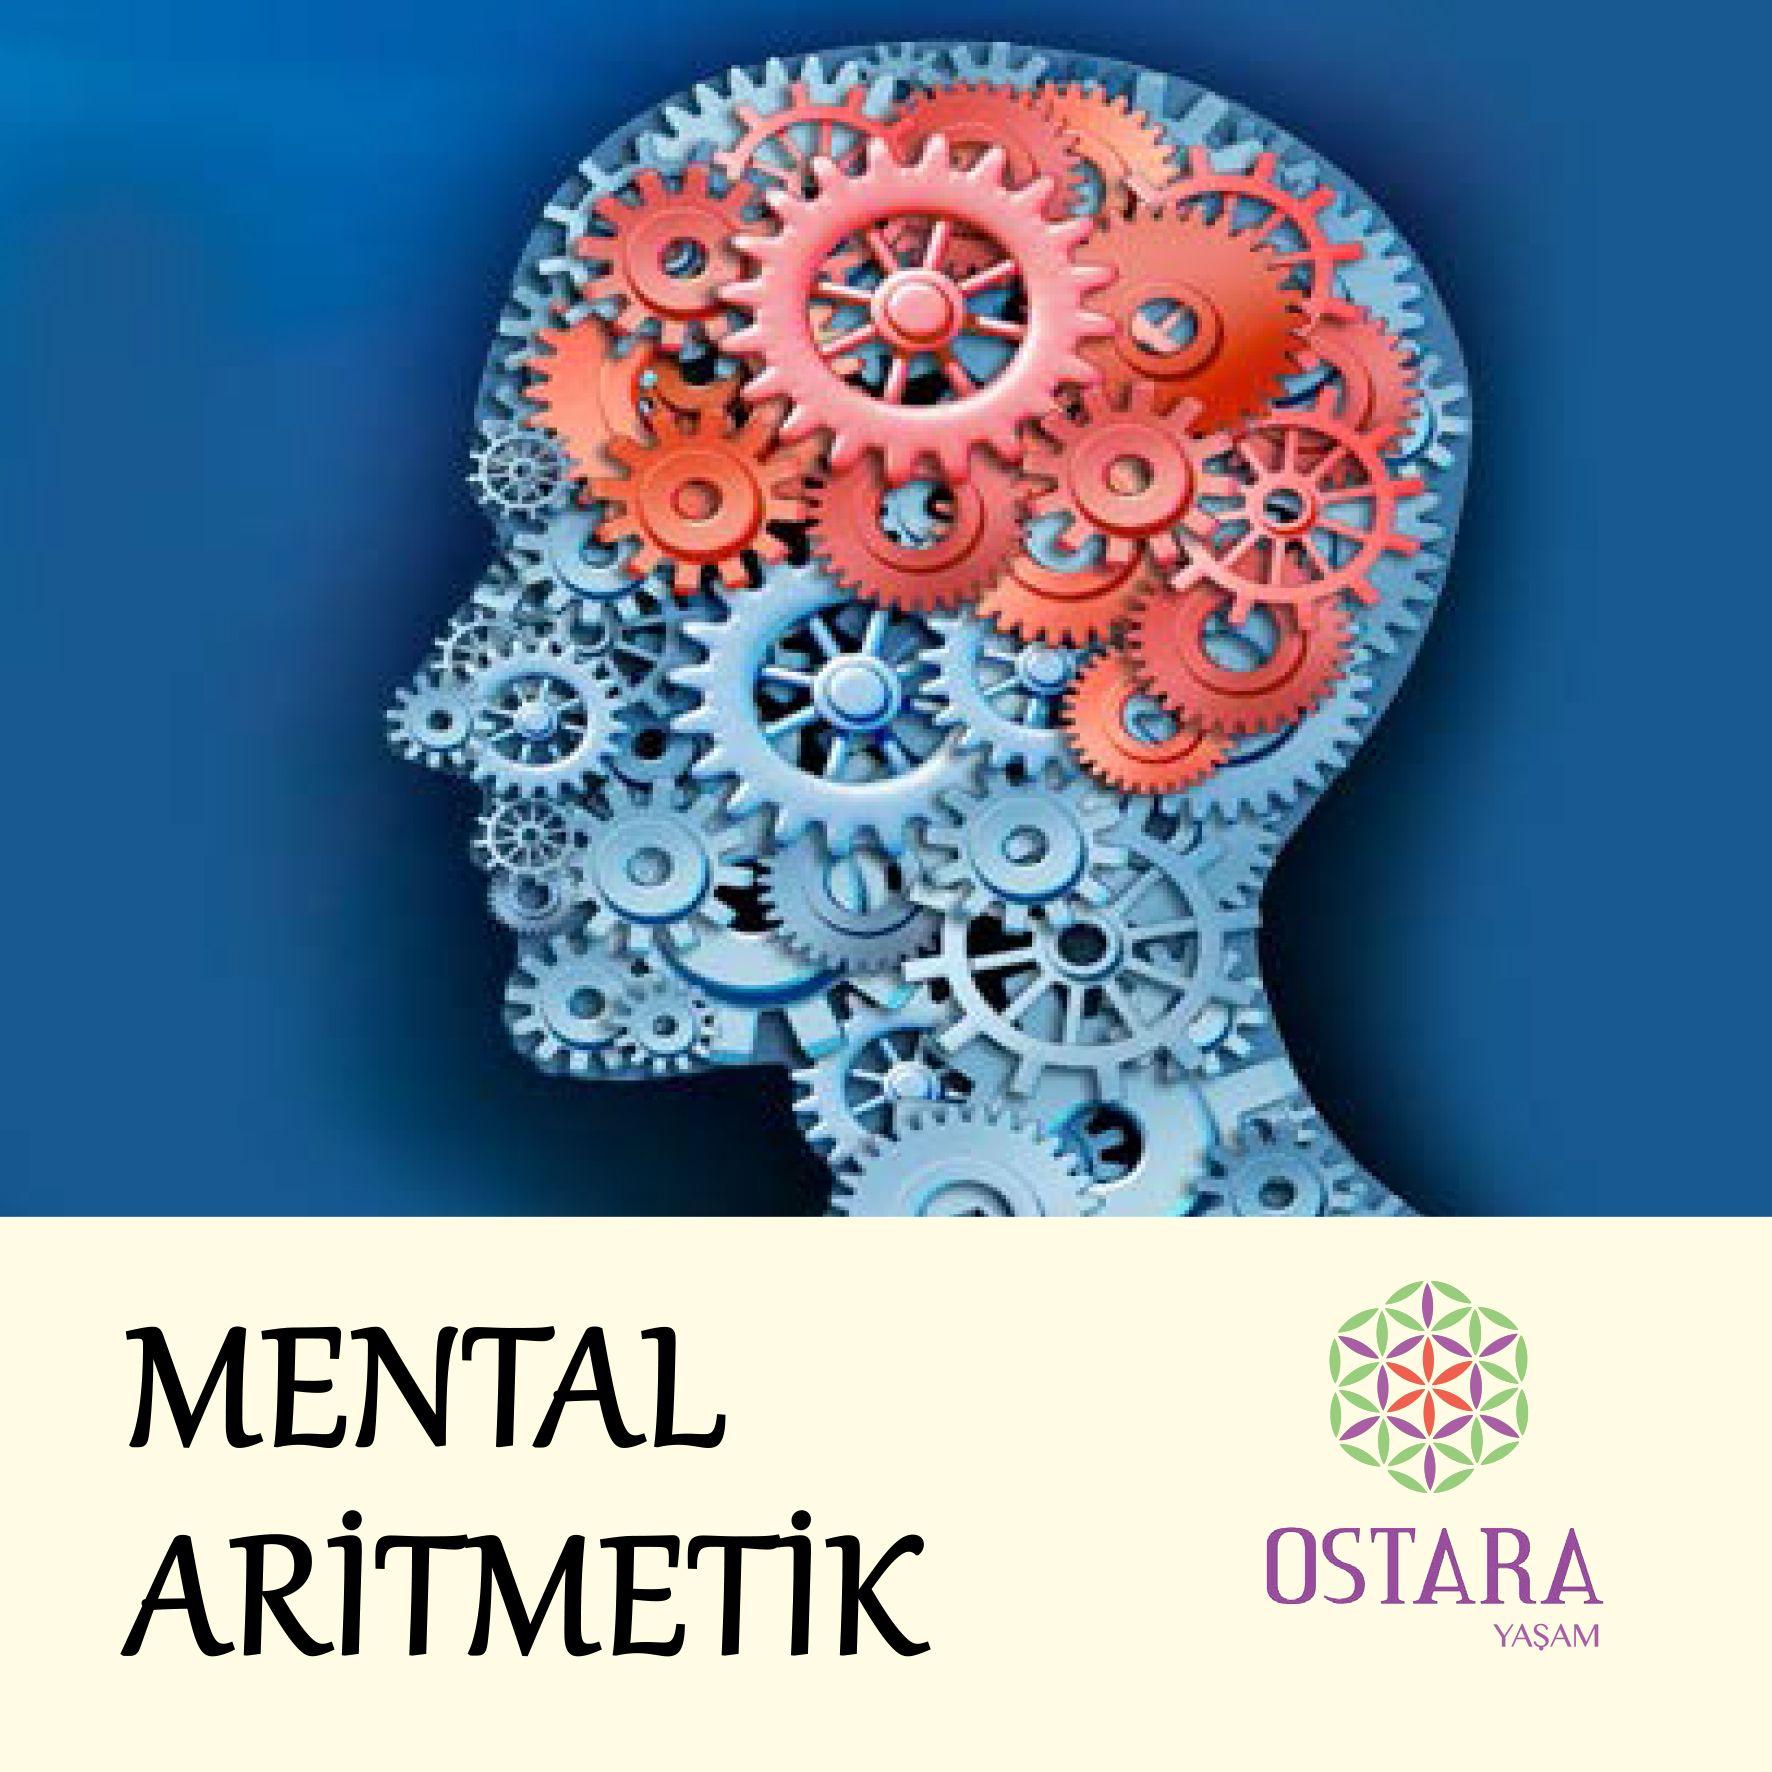 Mental Aritmetik + Hayal Gücü + Uygulama + Egzersiz = Beyin Gelişimi ...